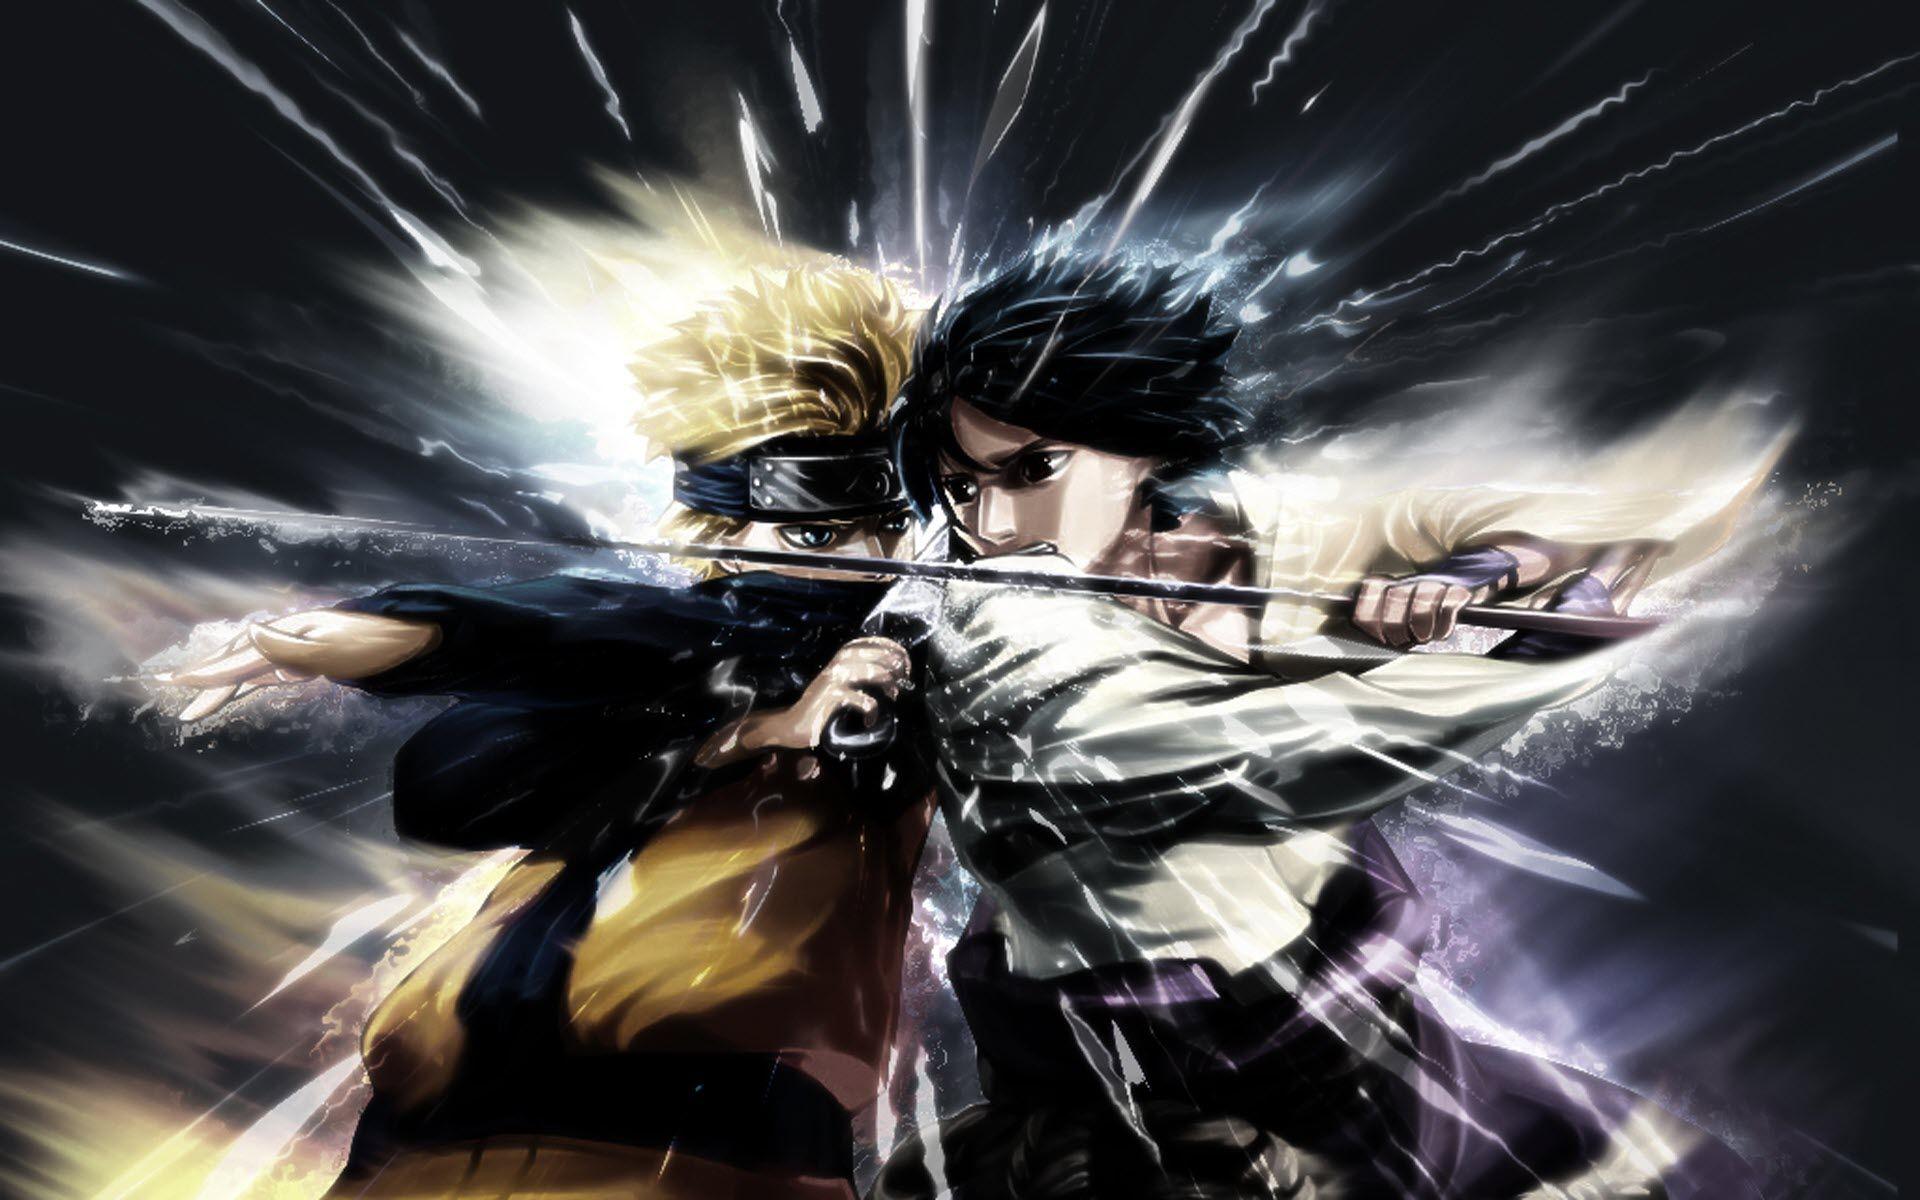 Naruto High Resolution Desktop Wallpapers Naruto Vs Sasuke